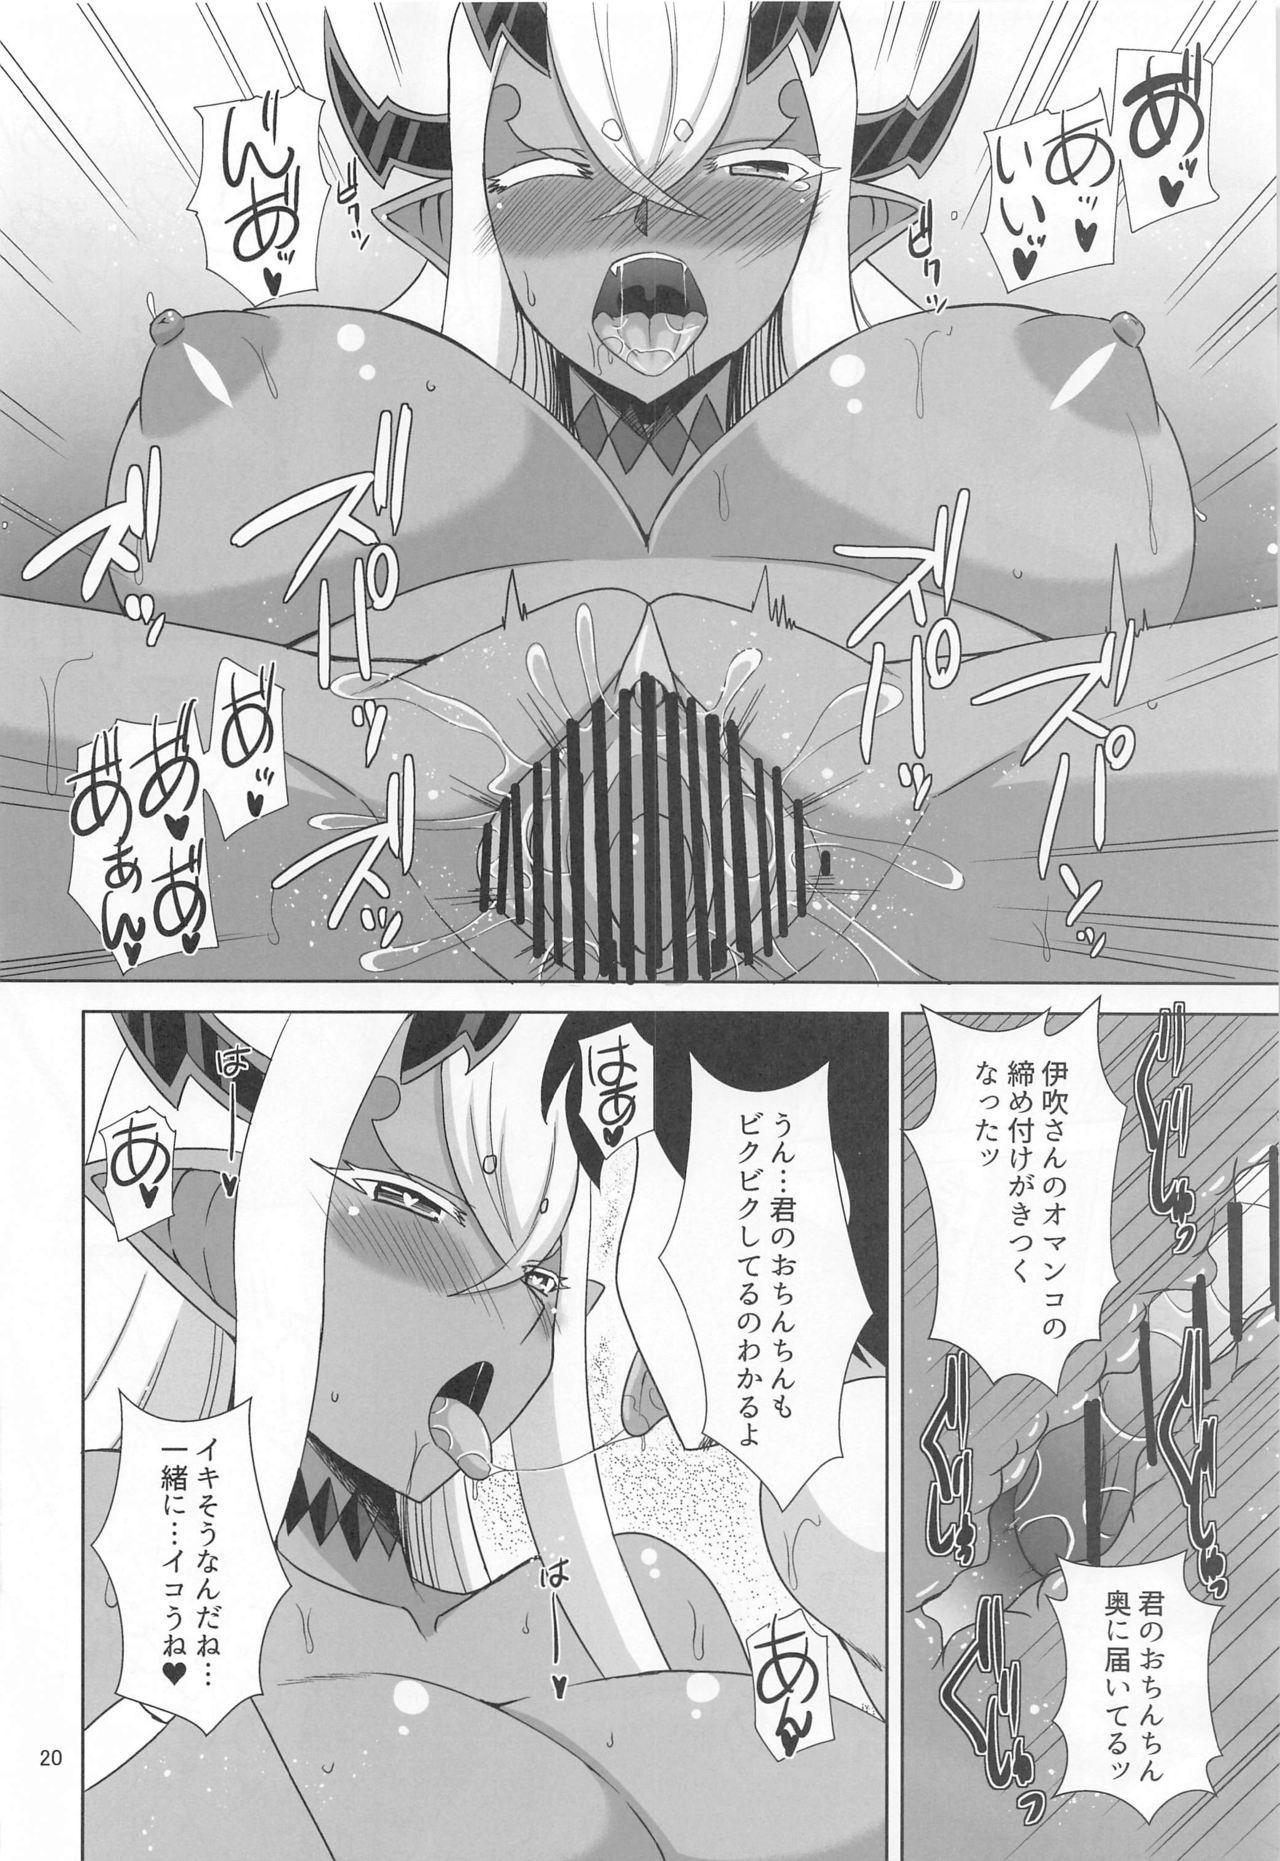 Hebigami-sama wa Ecchi ga Shitai 18